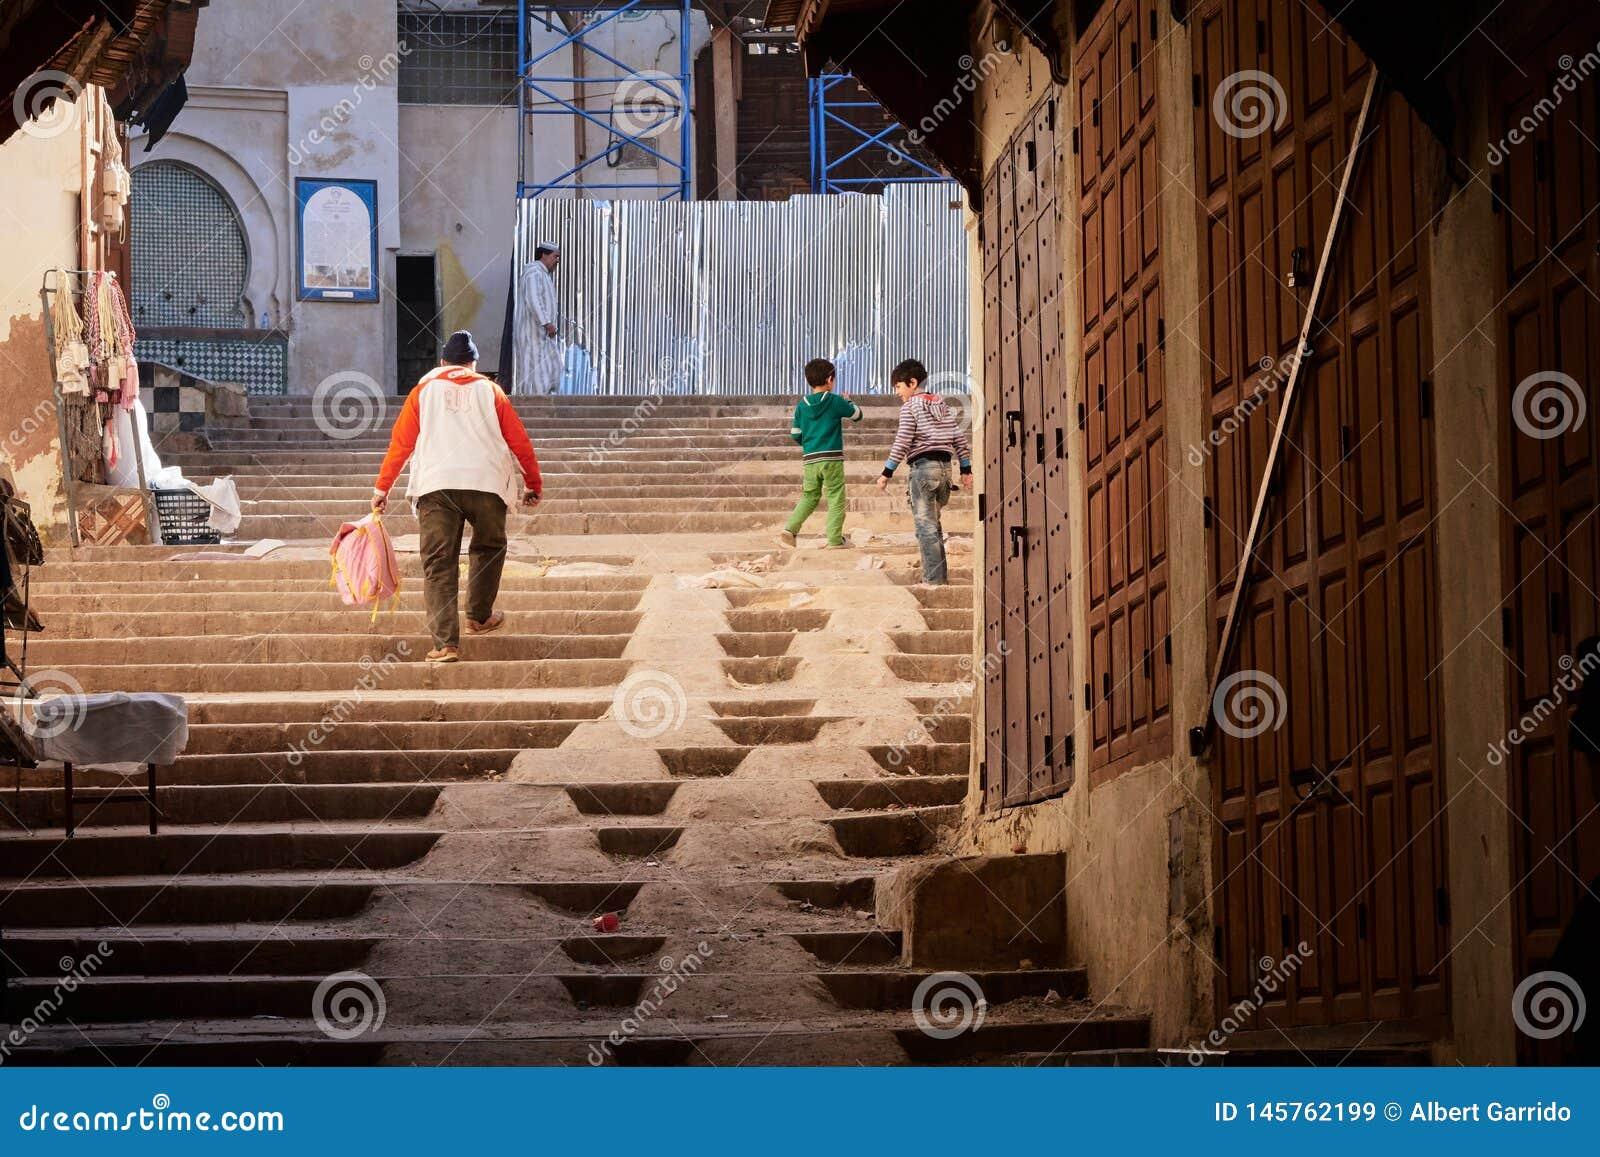 Fes, Marruecos - 7 de diciembre de 2018: niños que juegan en las escaleras en el Medina de Fes